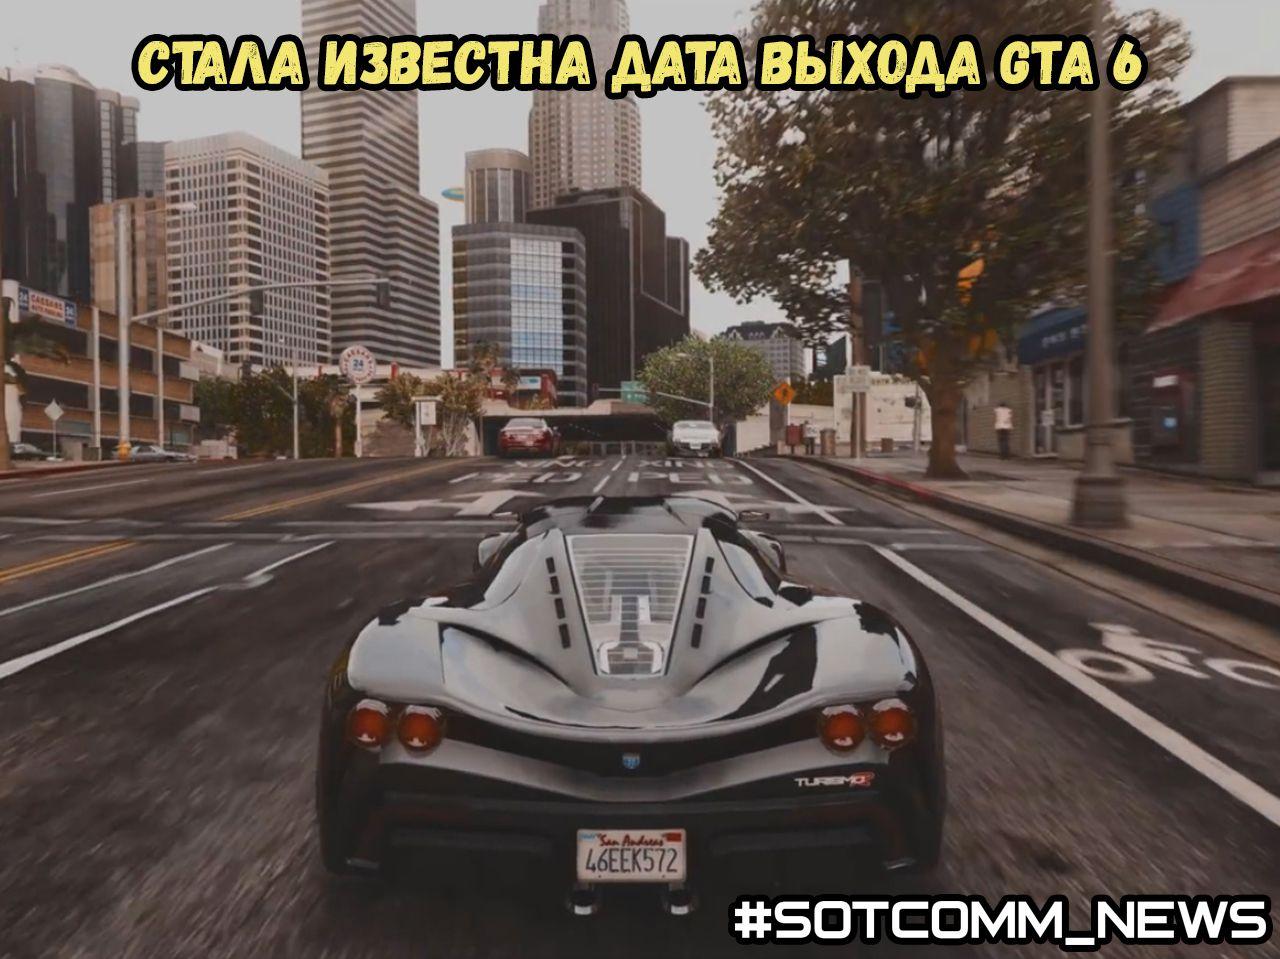 Стала известна дата выхода GTA 6